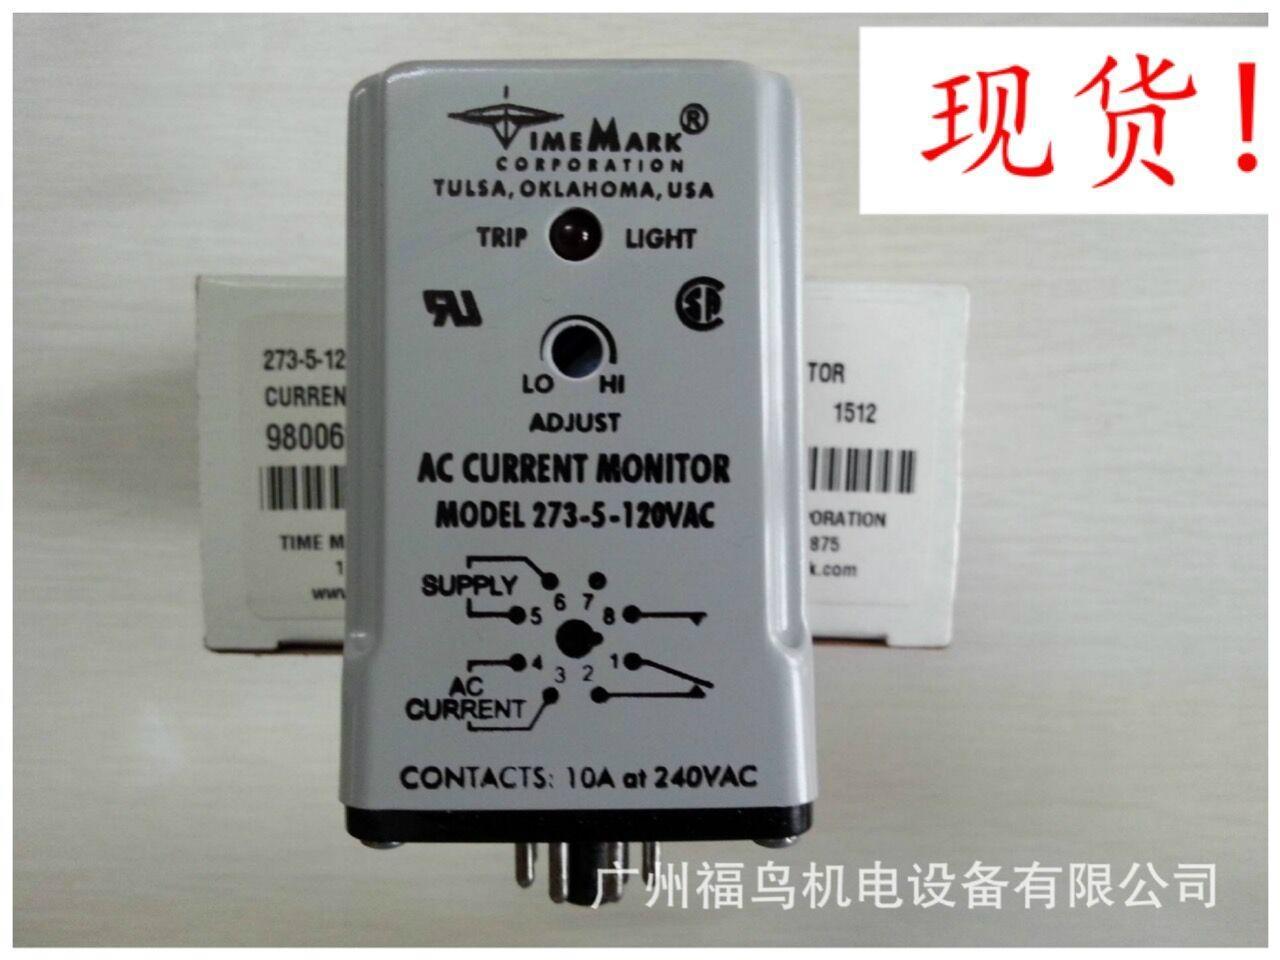 TIME MARK繼電器,  型號: 273-5-120VAC